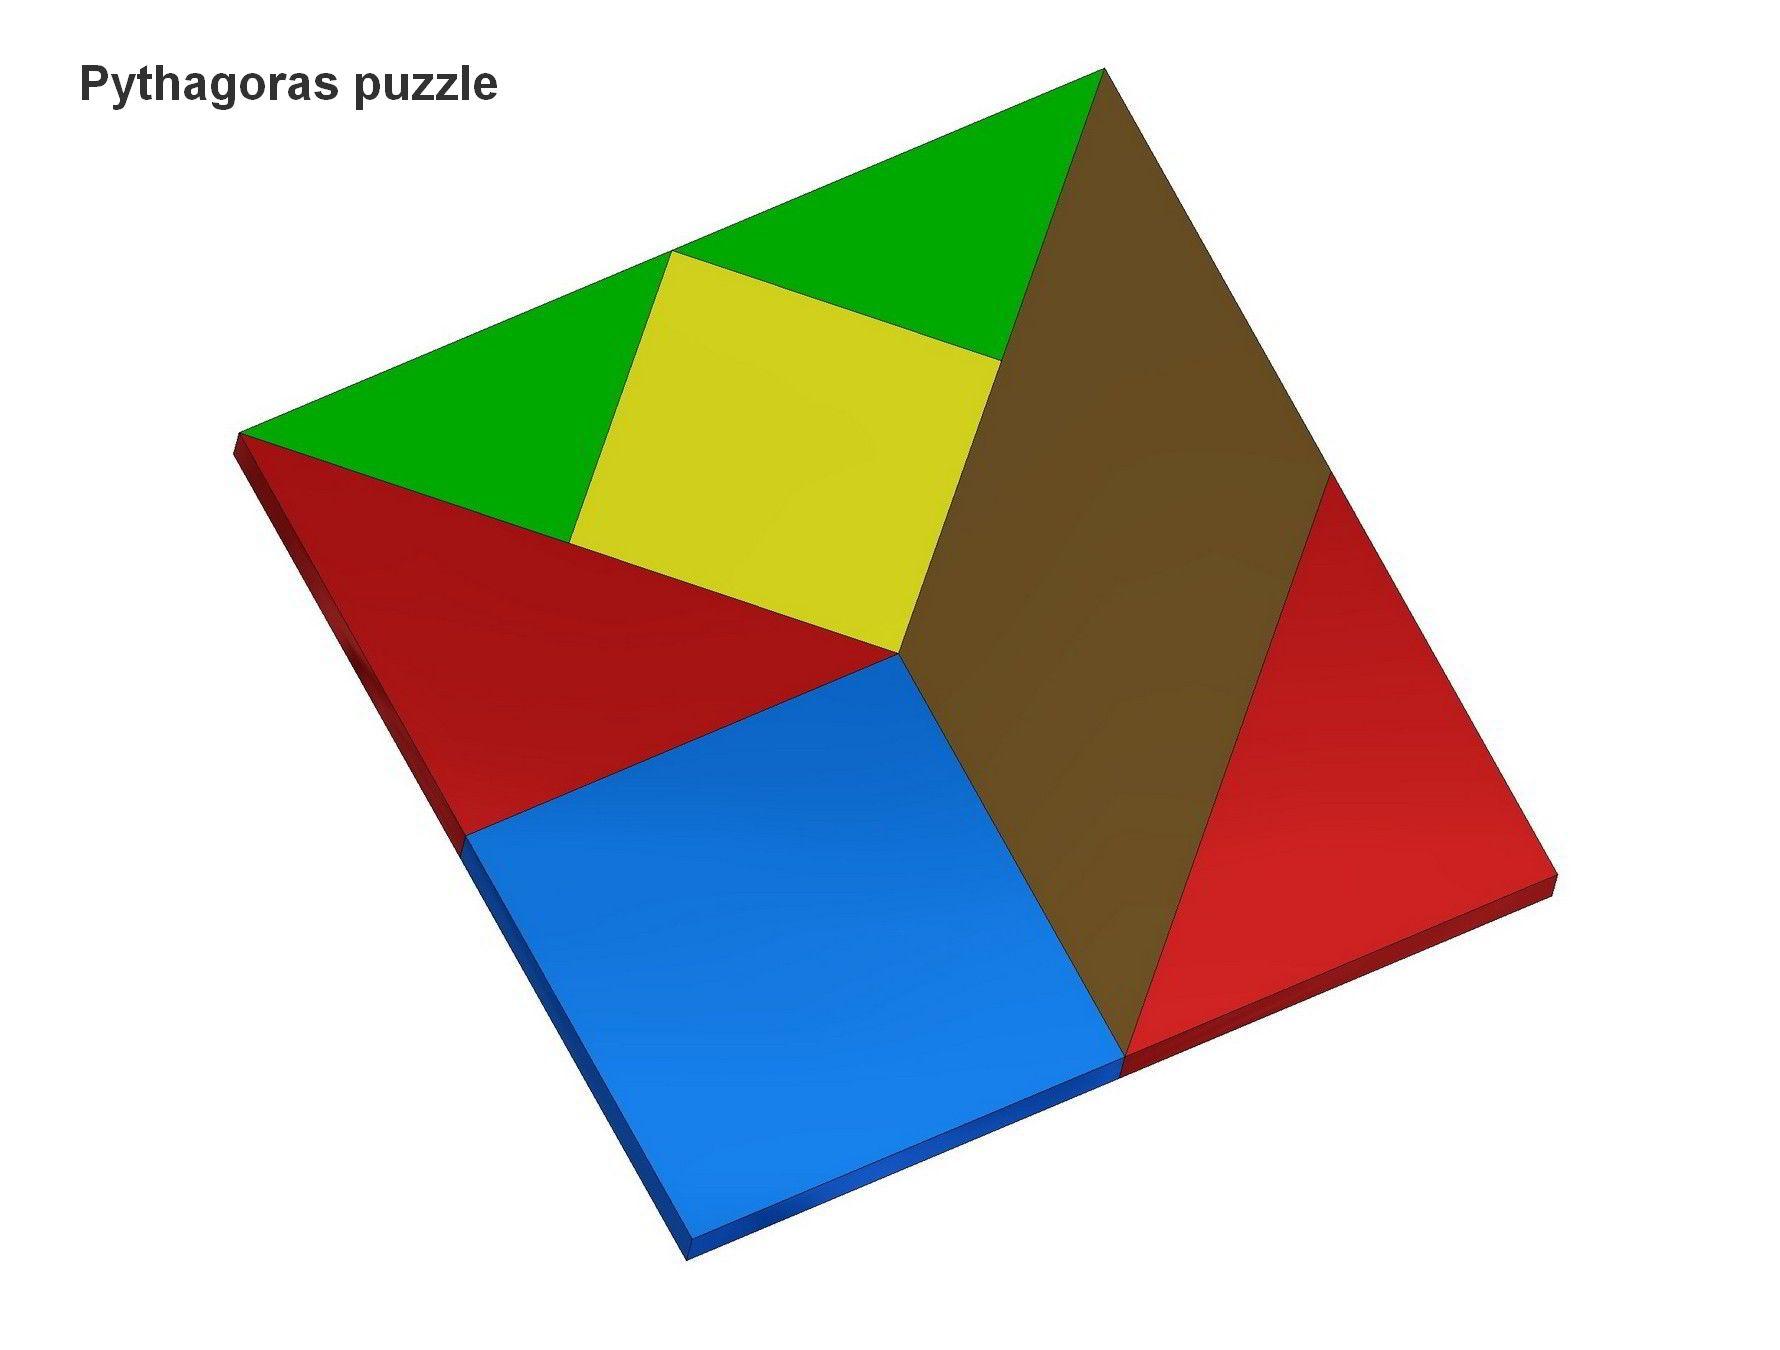 how to make pythagorus interestiong